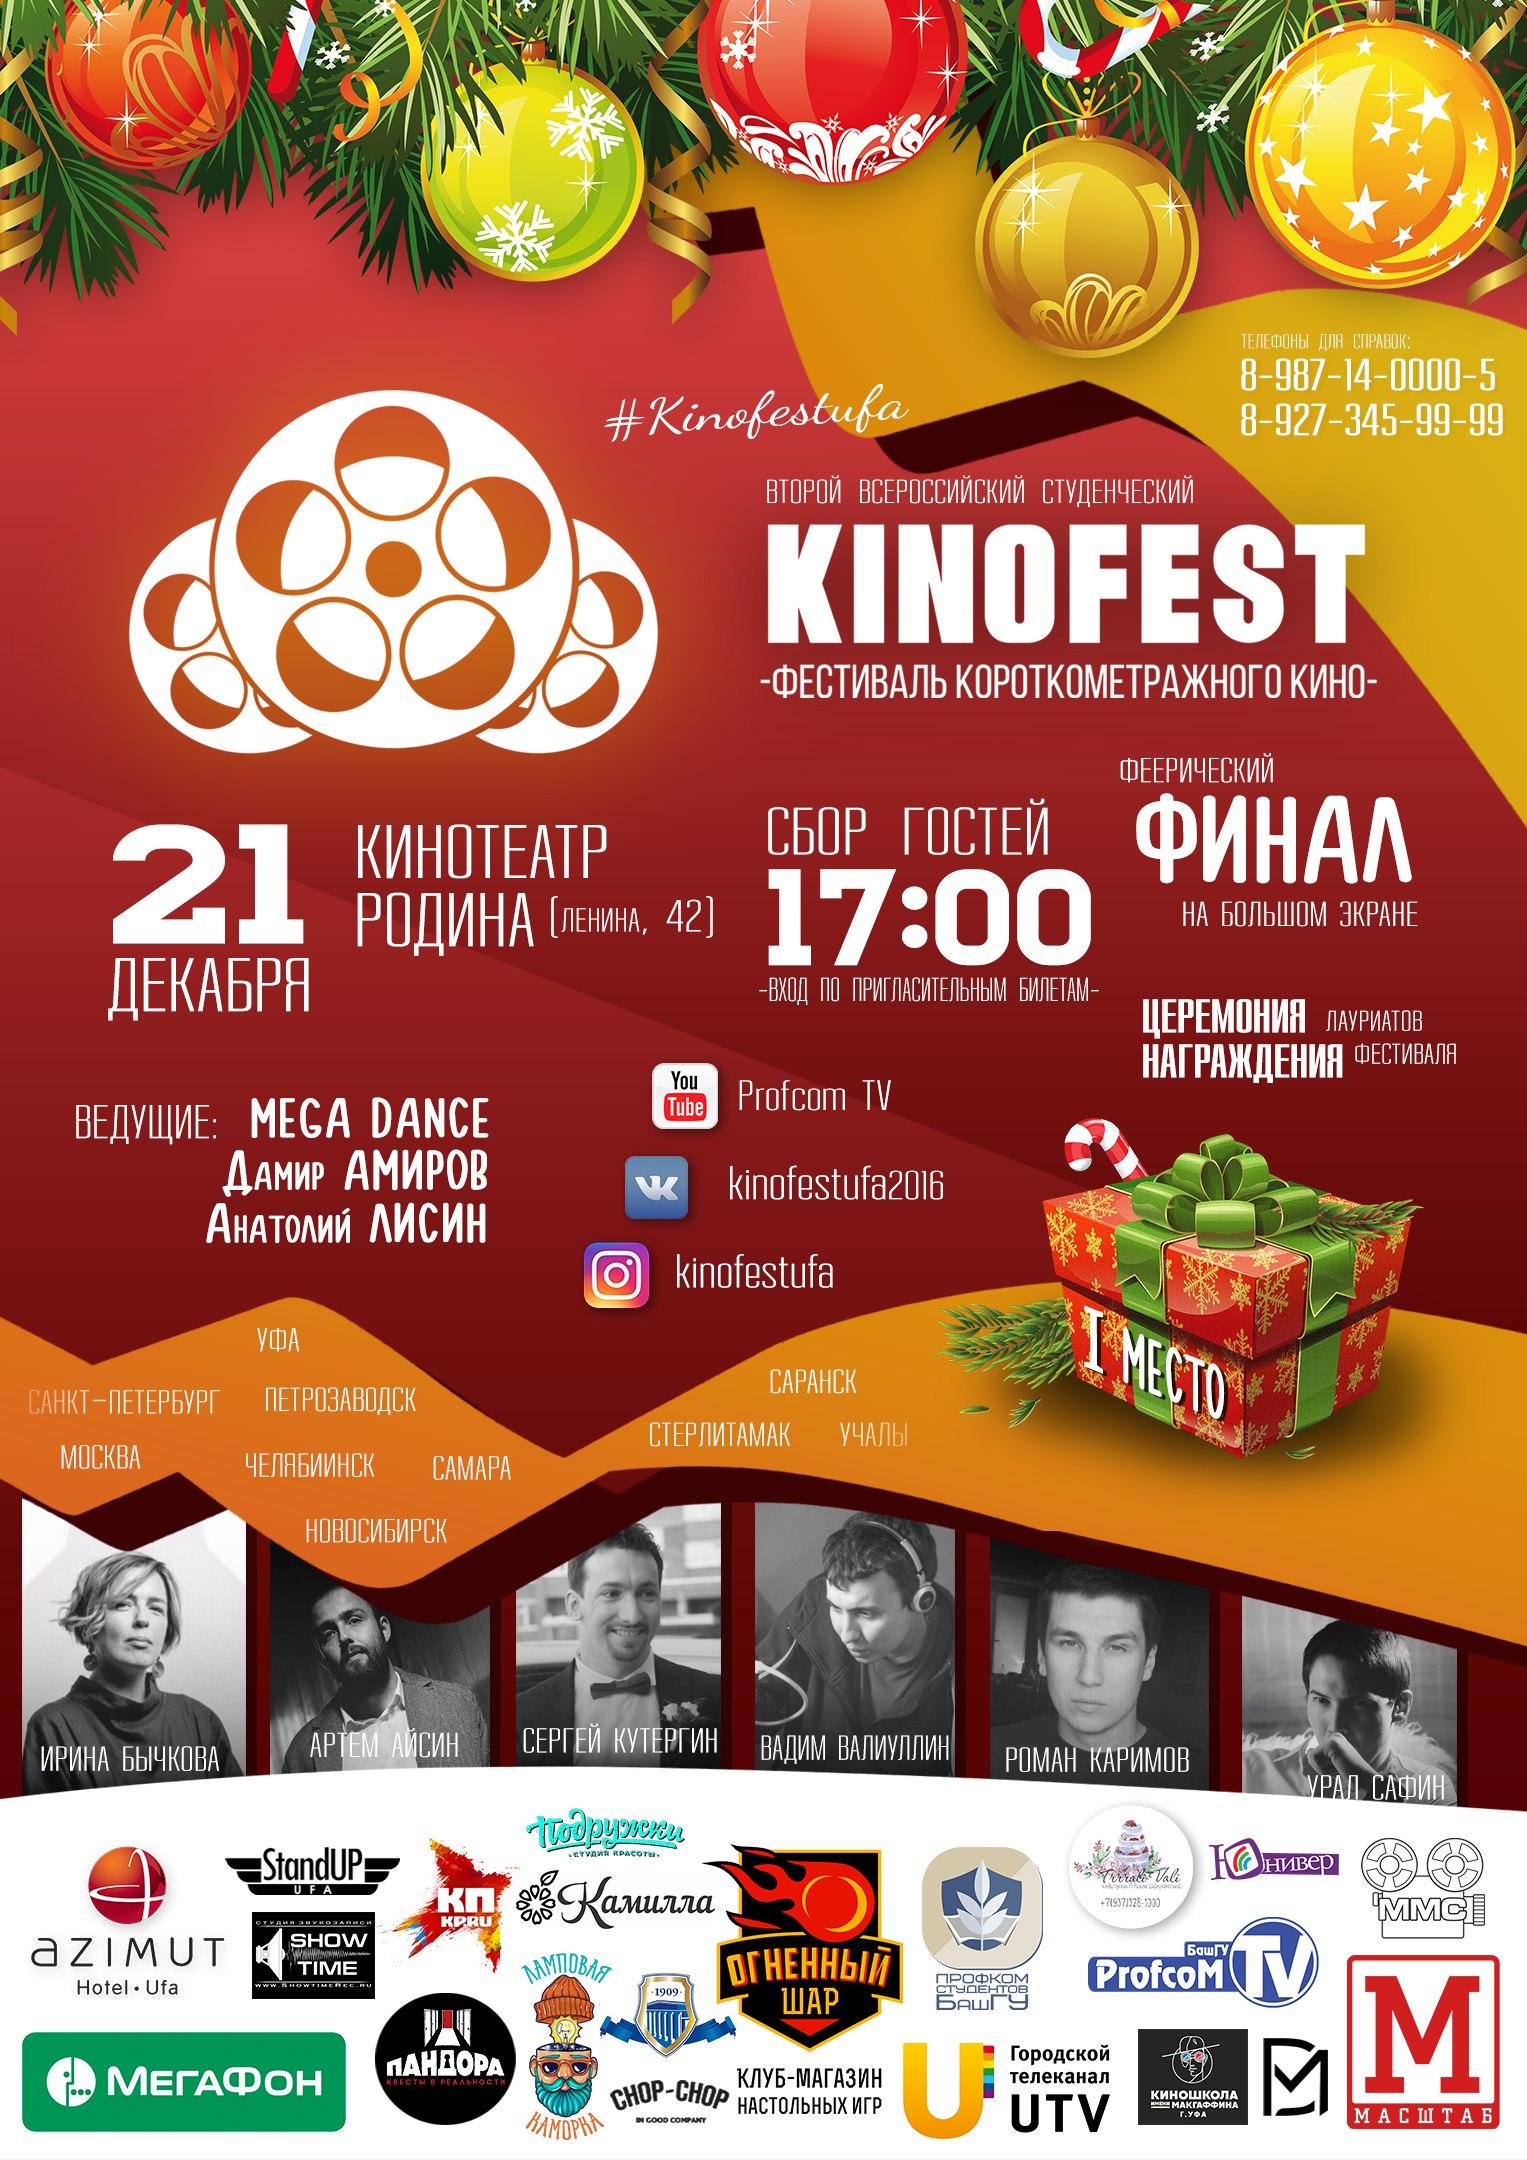 KINOFEST-2016